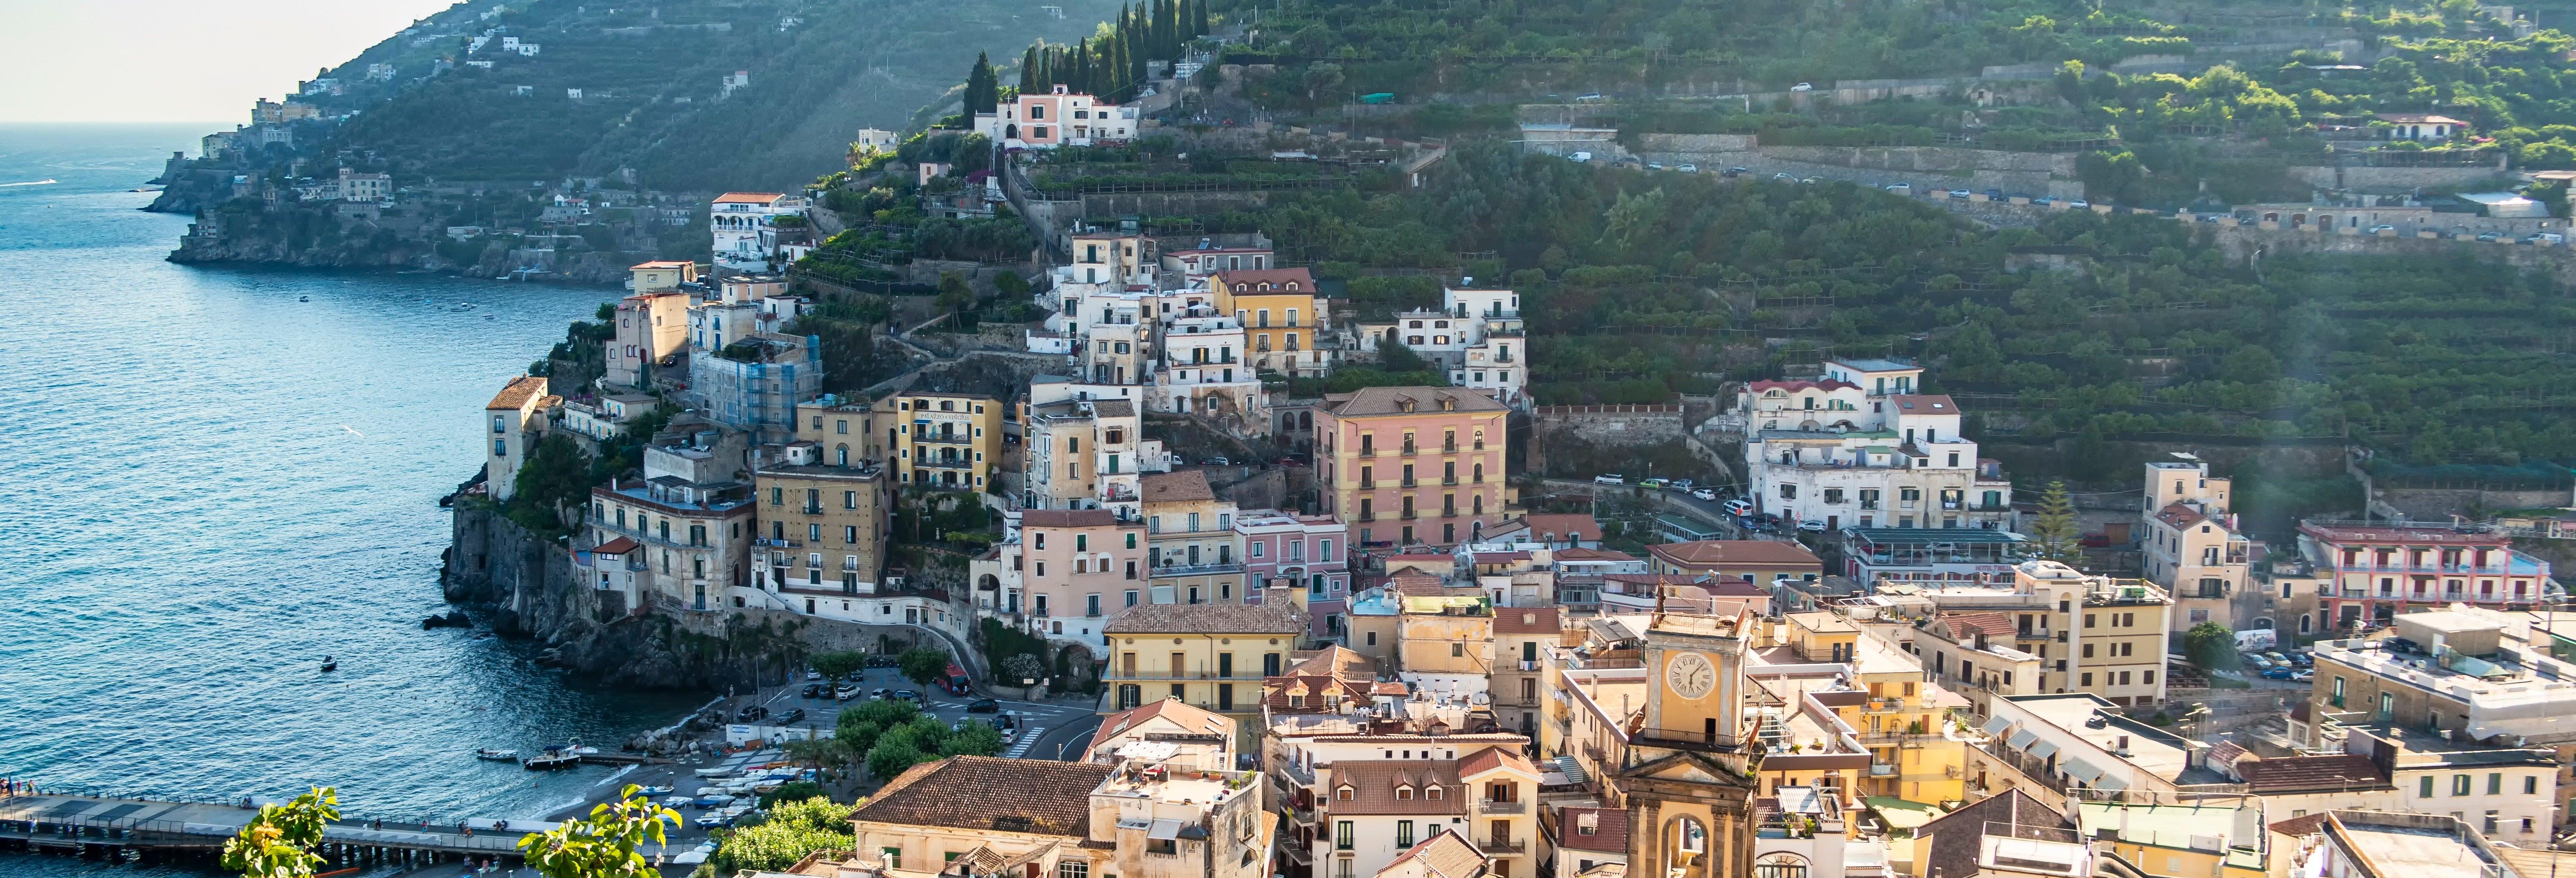 Pompeii and Amalfi Coast Tour: 3 Days